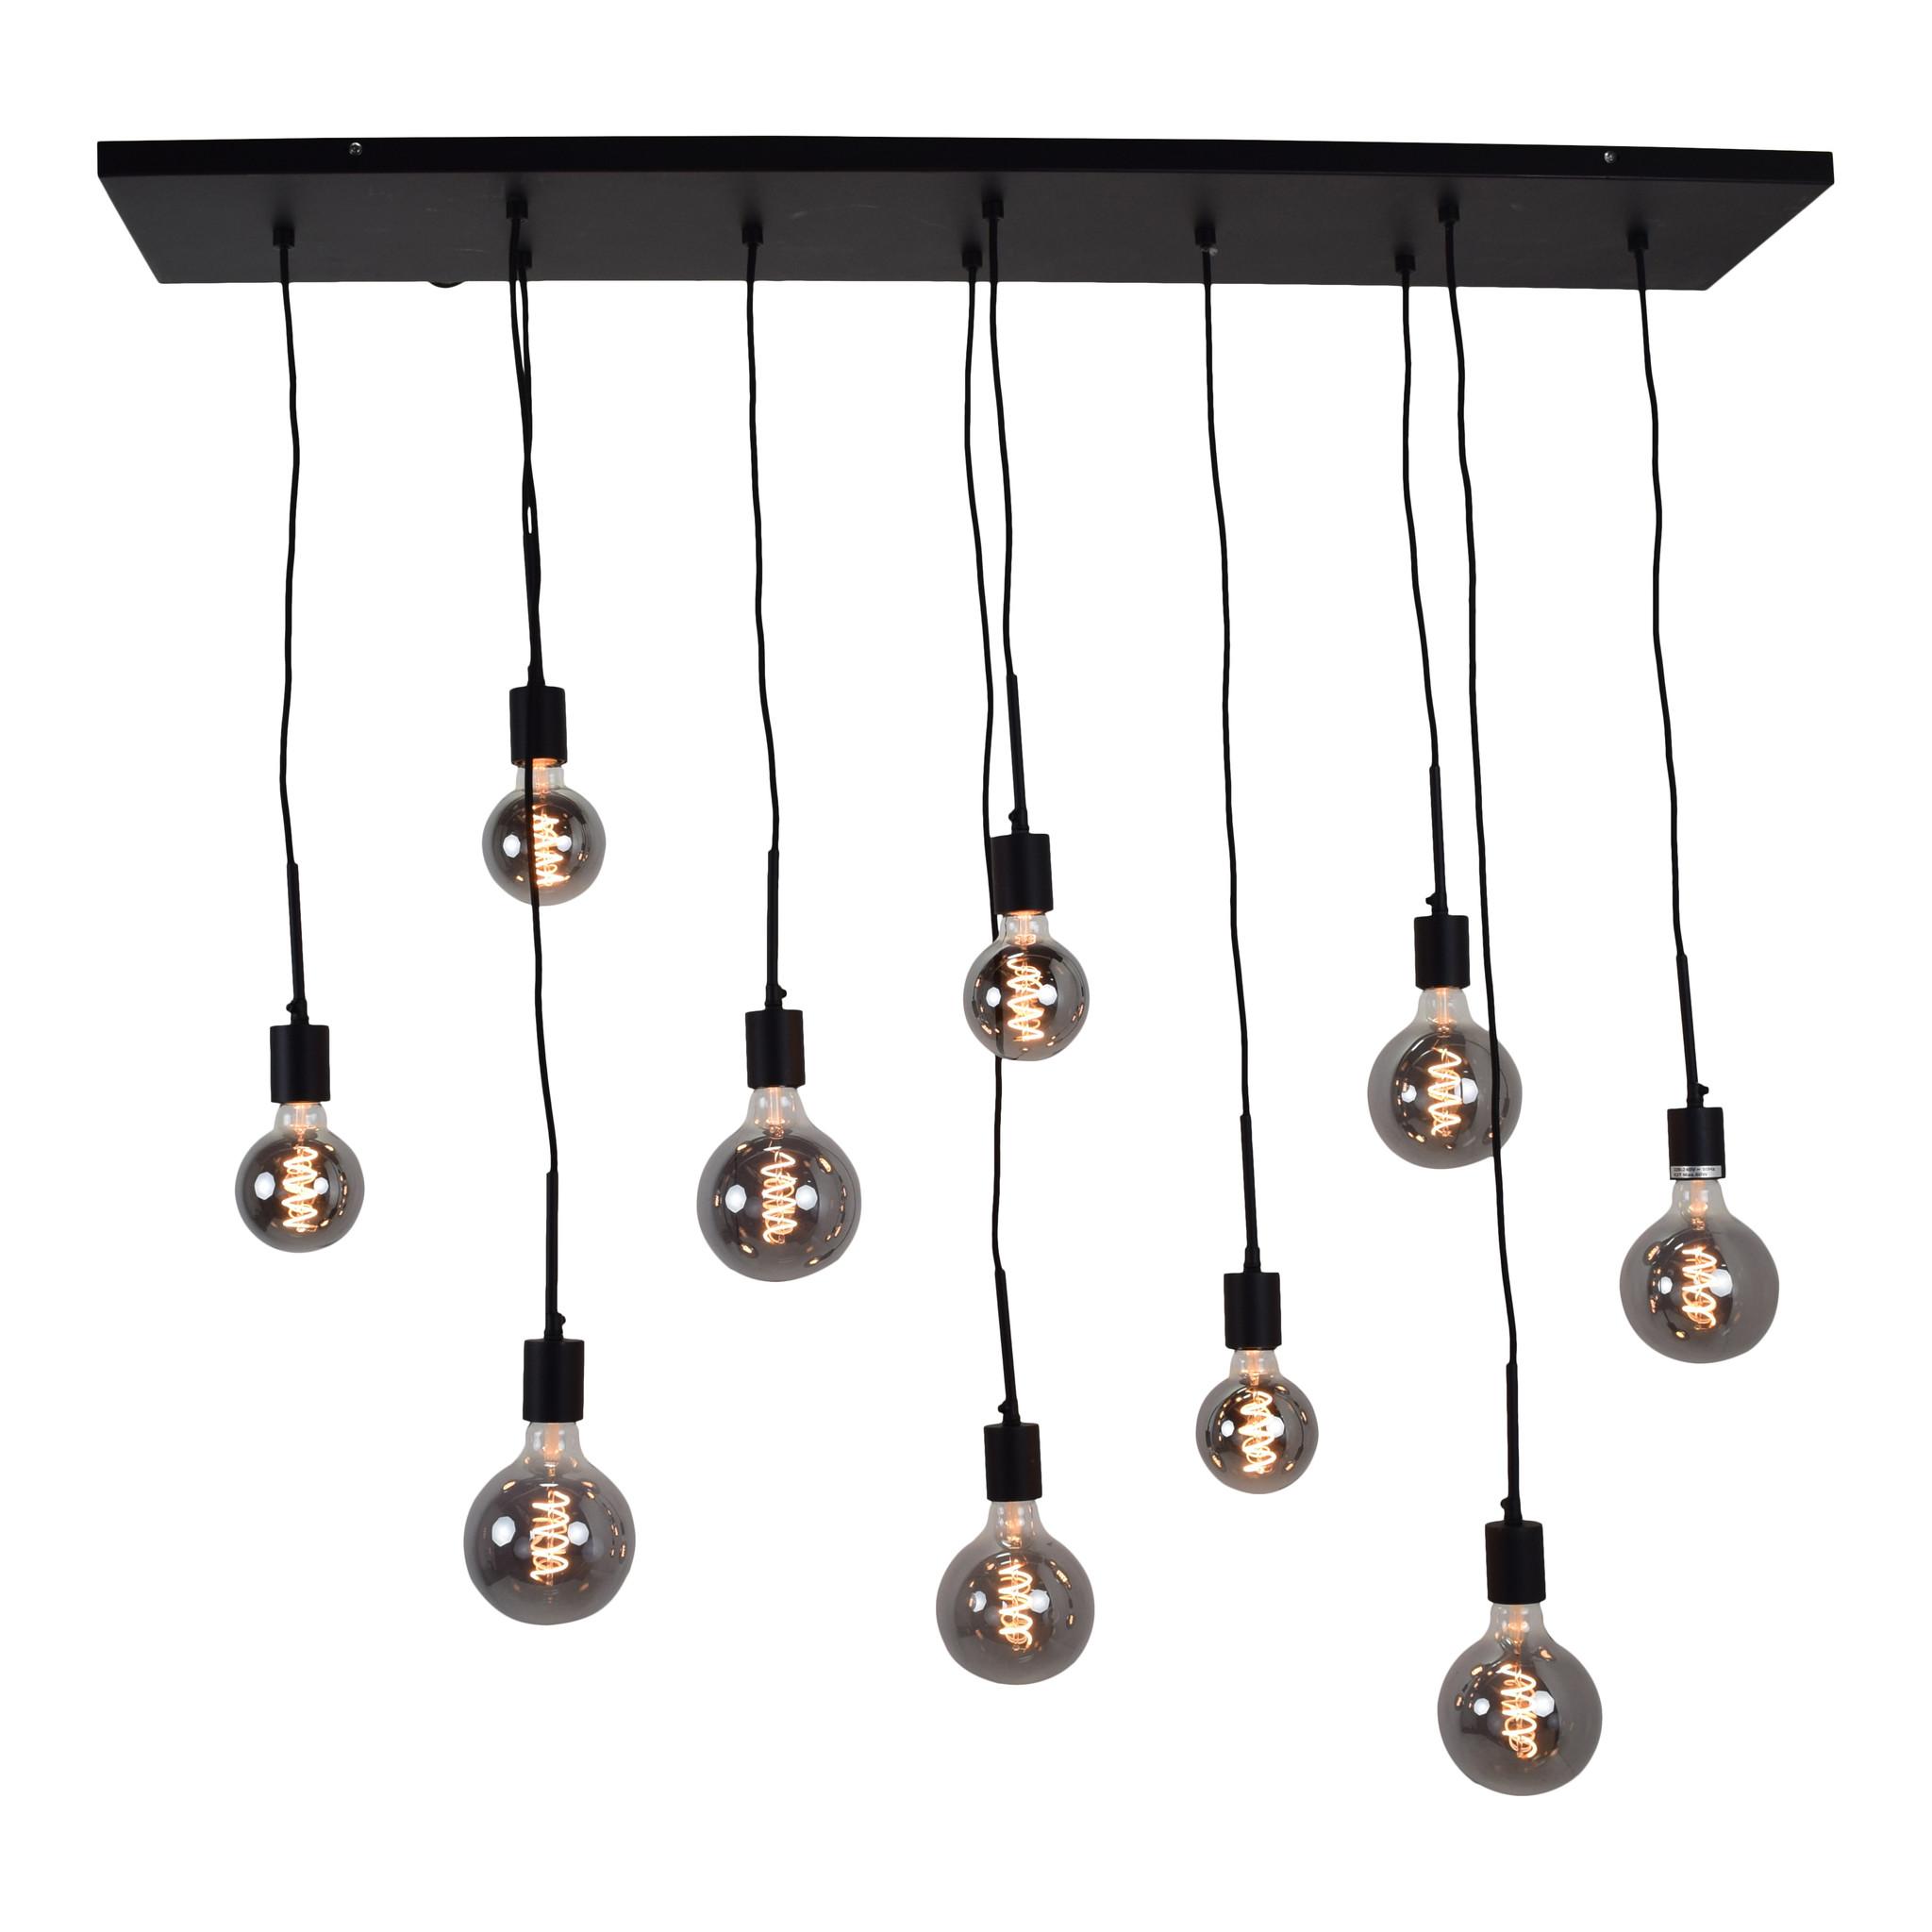 Urban Interiors Hanglamp Bulby 10-lichts Zwart-AI-CL-14052-8719325467659